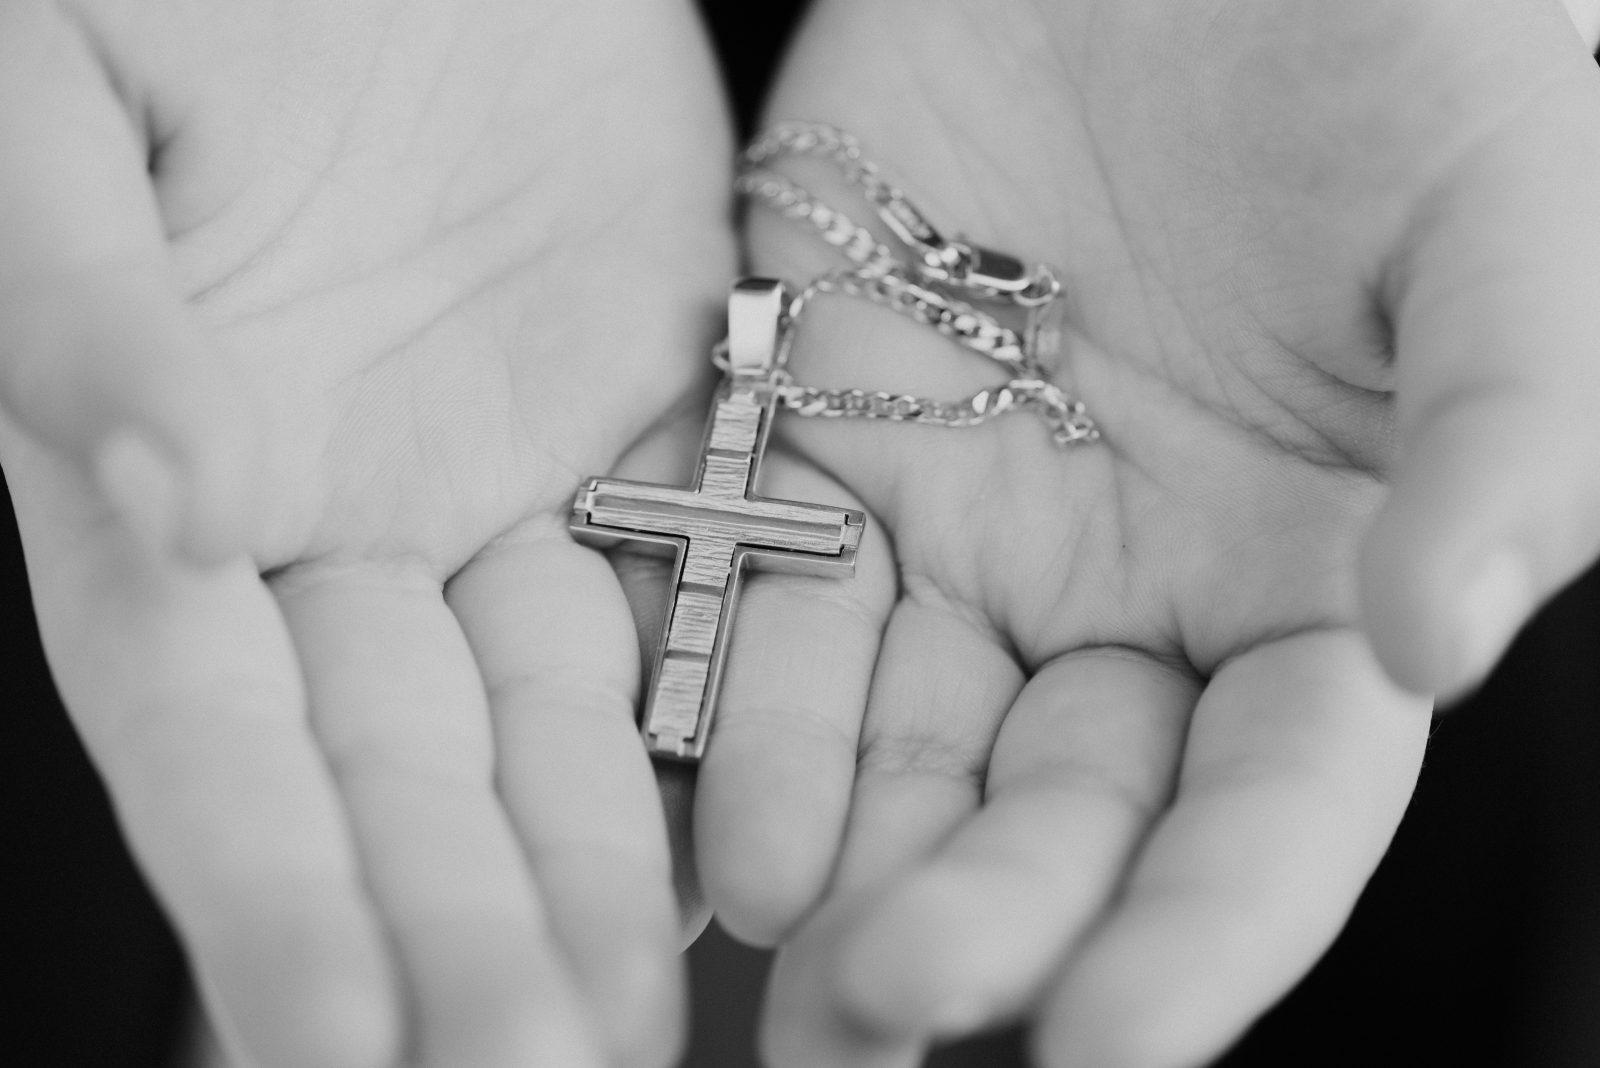 Kreuz in Hand